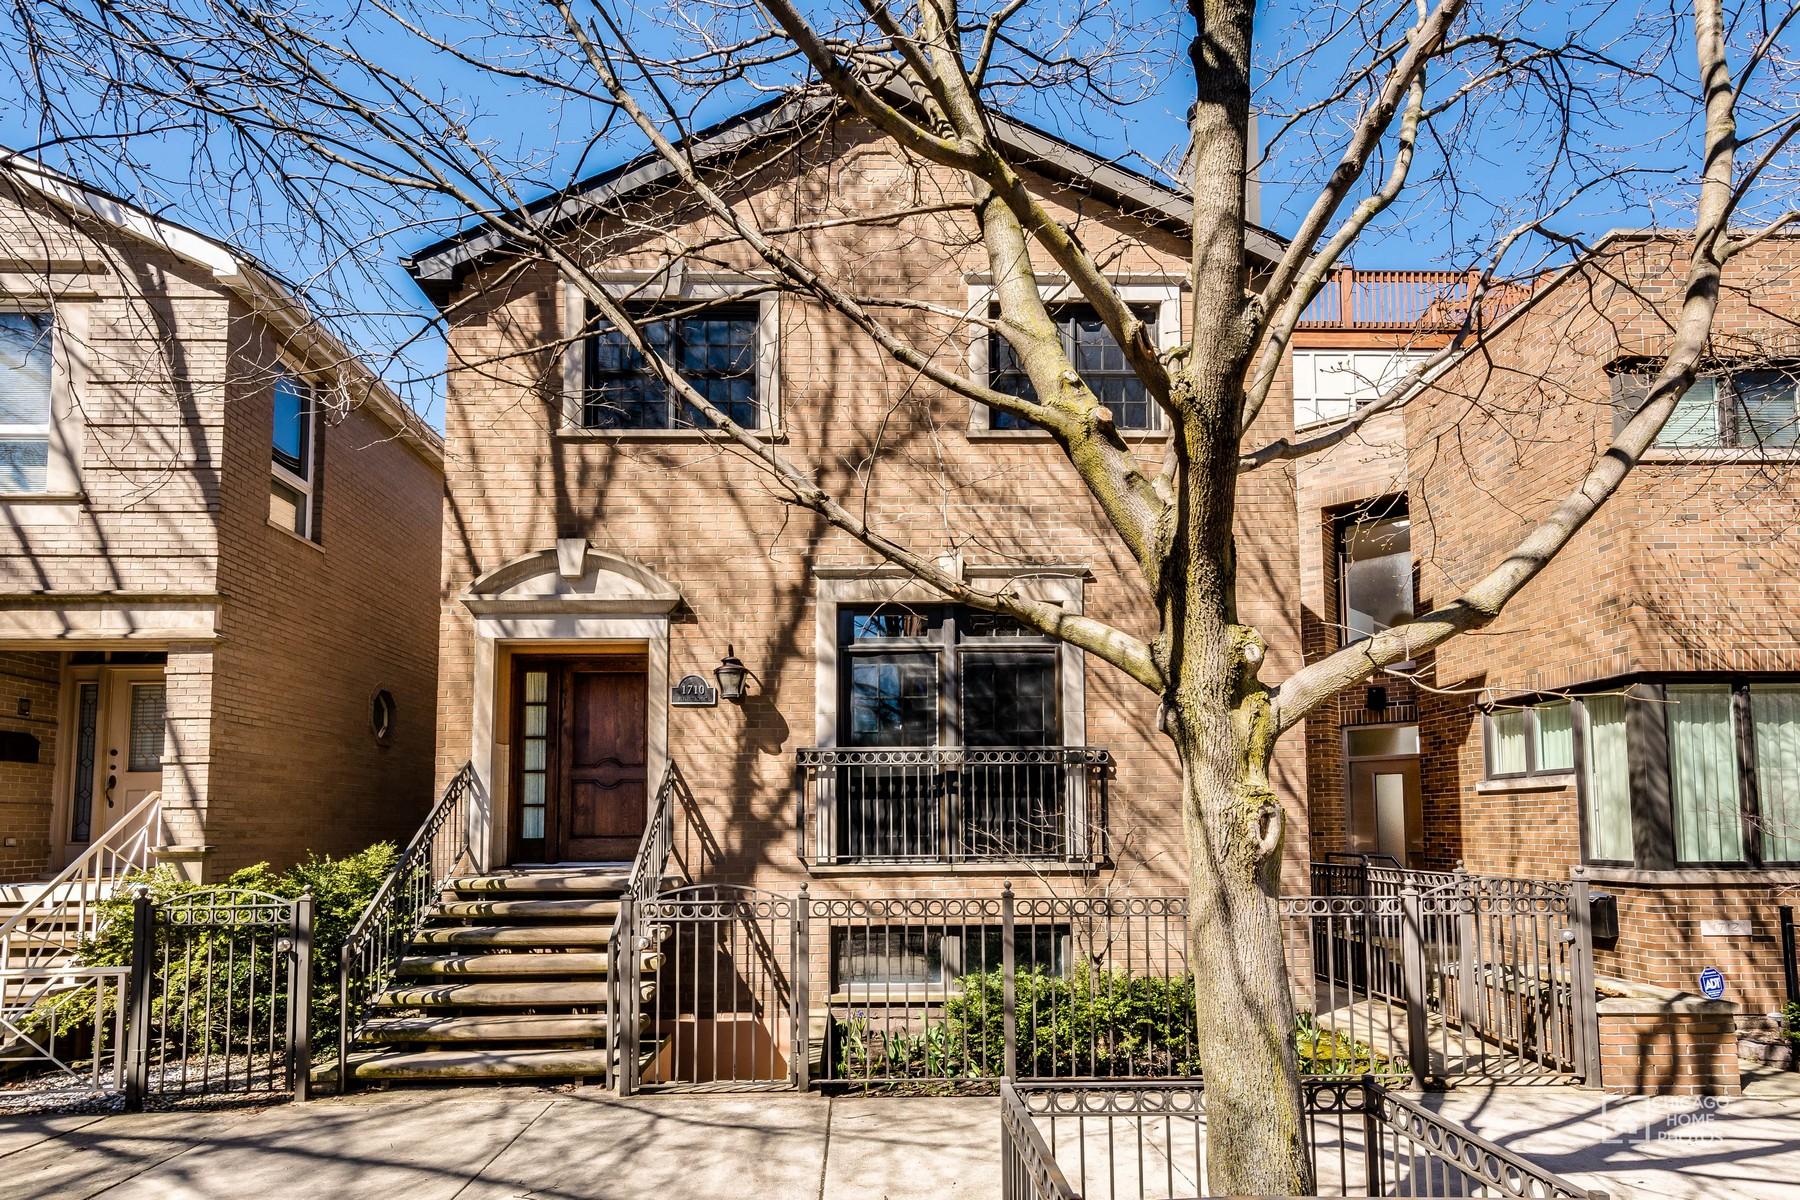 Tek Ailelik Ev için Satış at Outstanding Extra-Wide Home 1710 N Burling Street Chicago, Illinois, 60614 Amerika Birleşik Devletleri